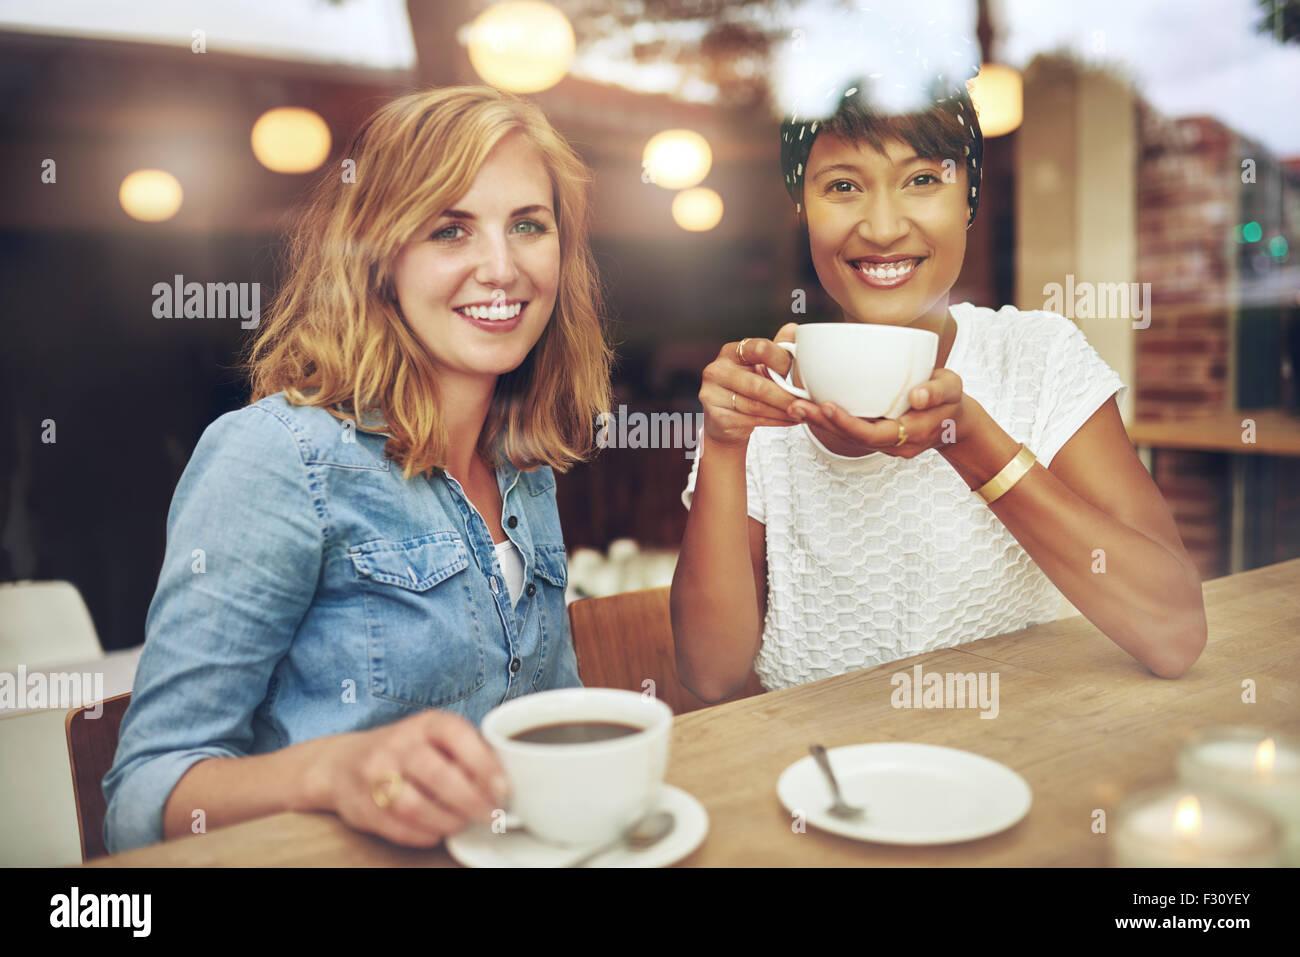 Jolie jeune femme multi ethnic friends sitting jouissant ensemble café à une table dans un sourire heureux Photo Stock